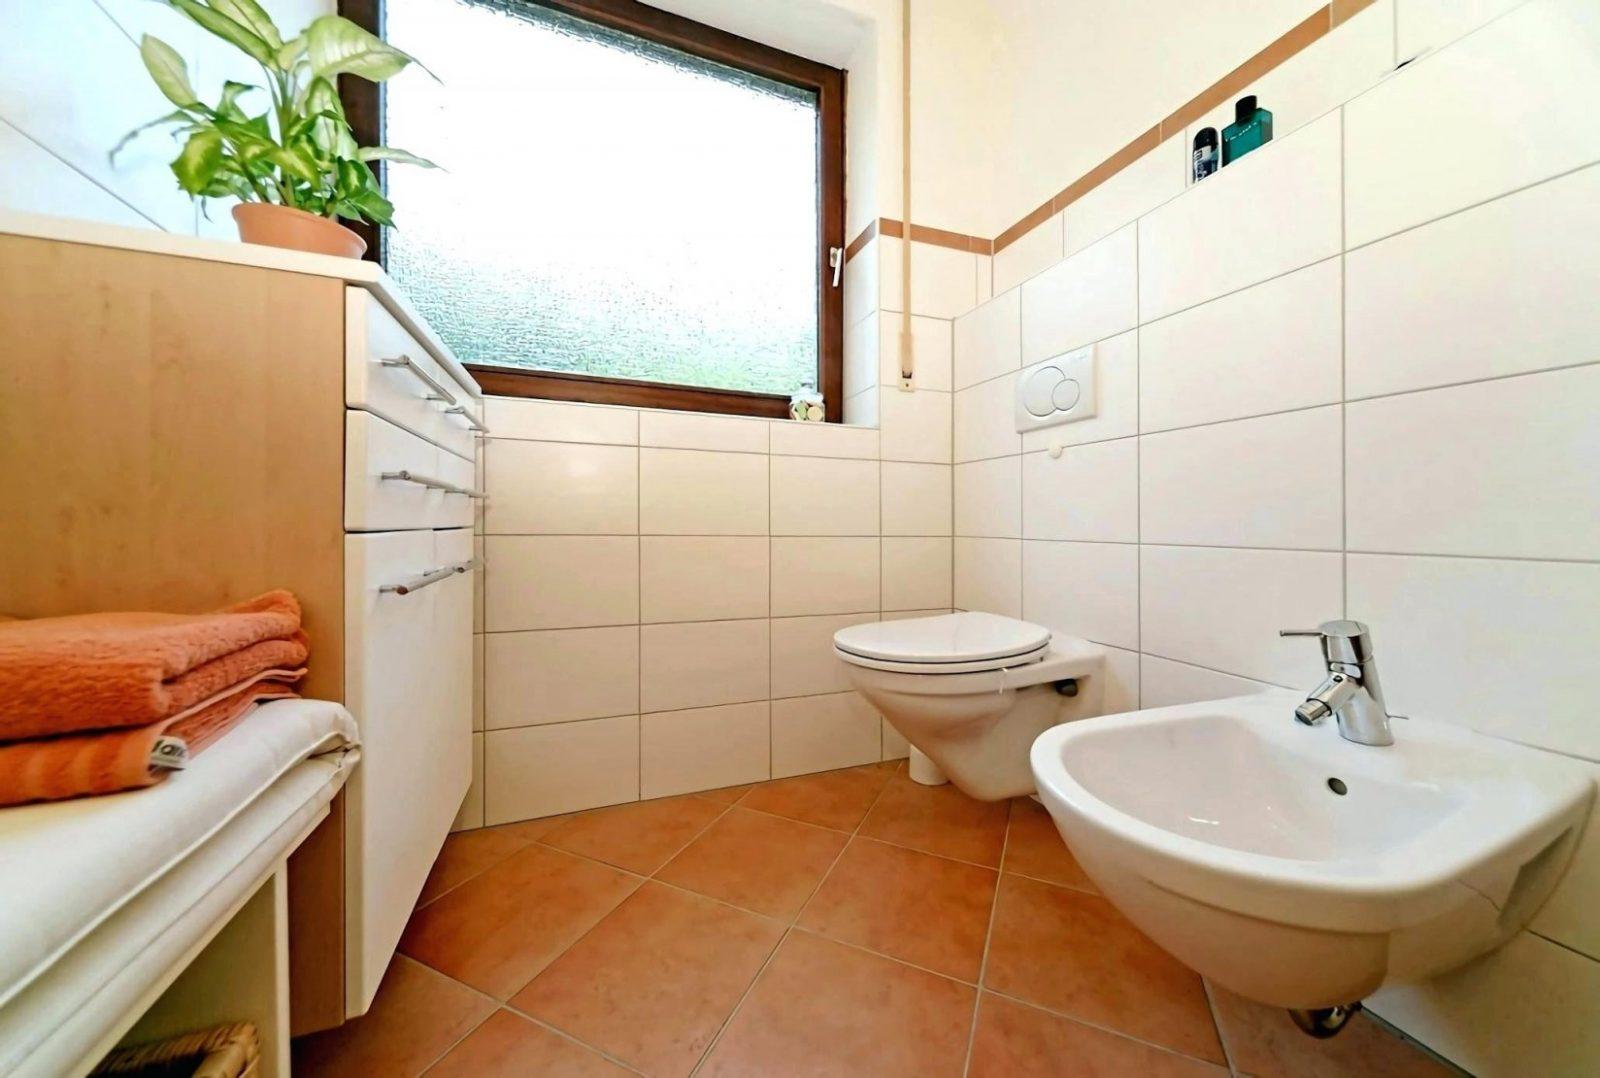 Badsanierung Kosten Beispiele Einzigartig Badsanierung Kosten von Badsanierung Kosten Pro Qm Photo